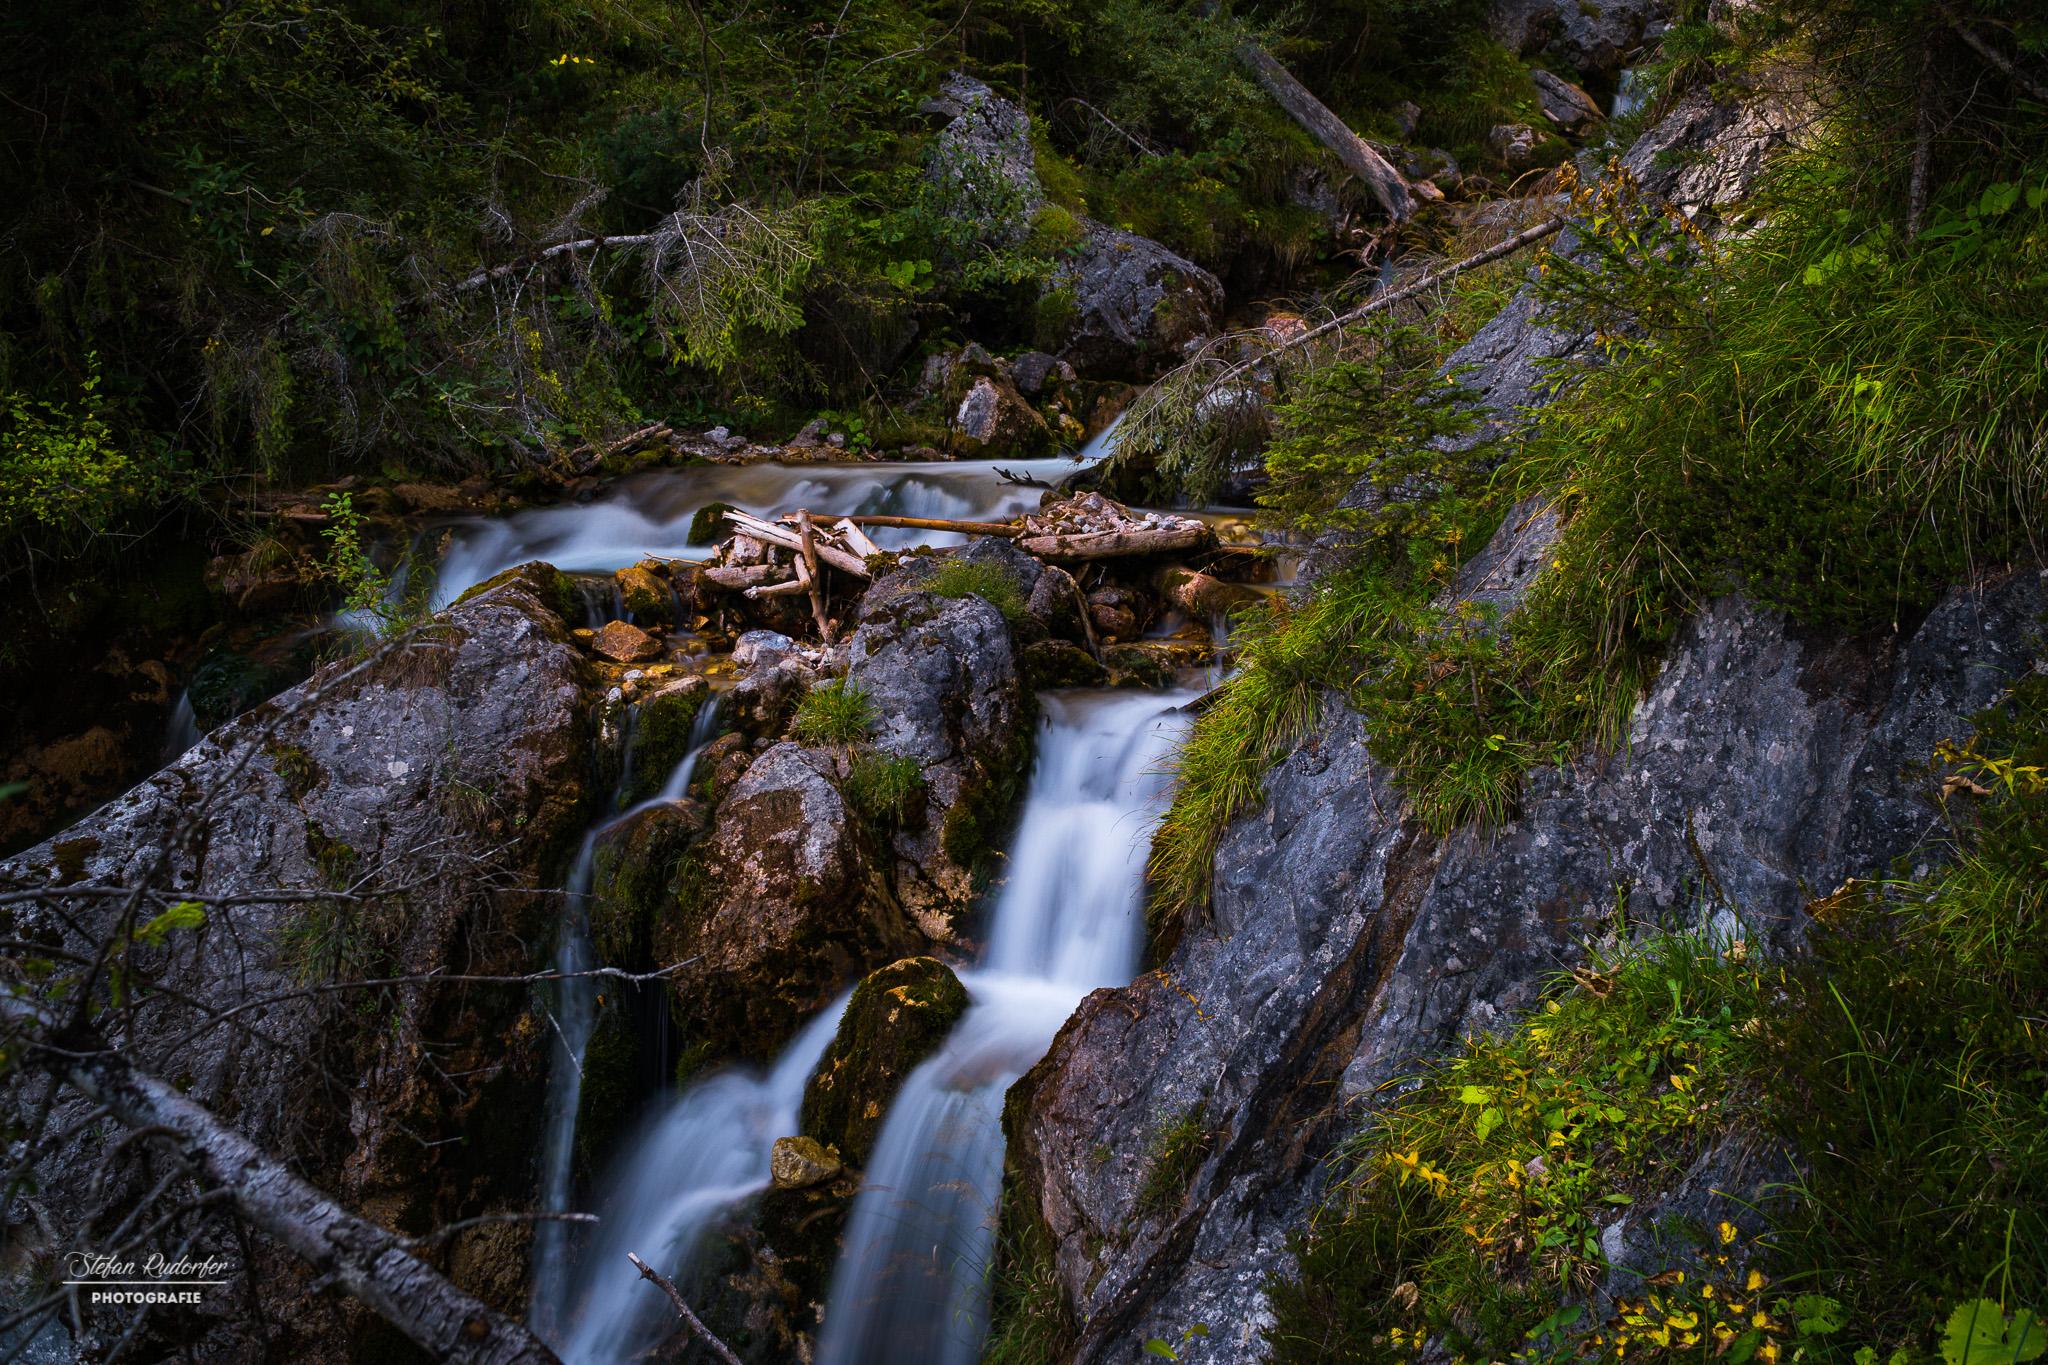 Wasserfall mit Geröll